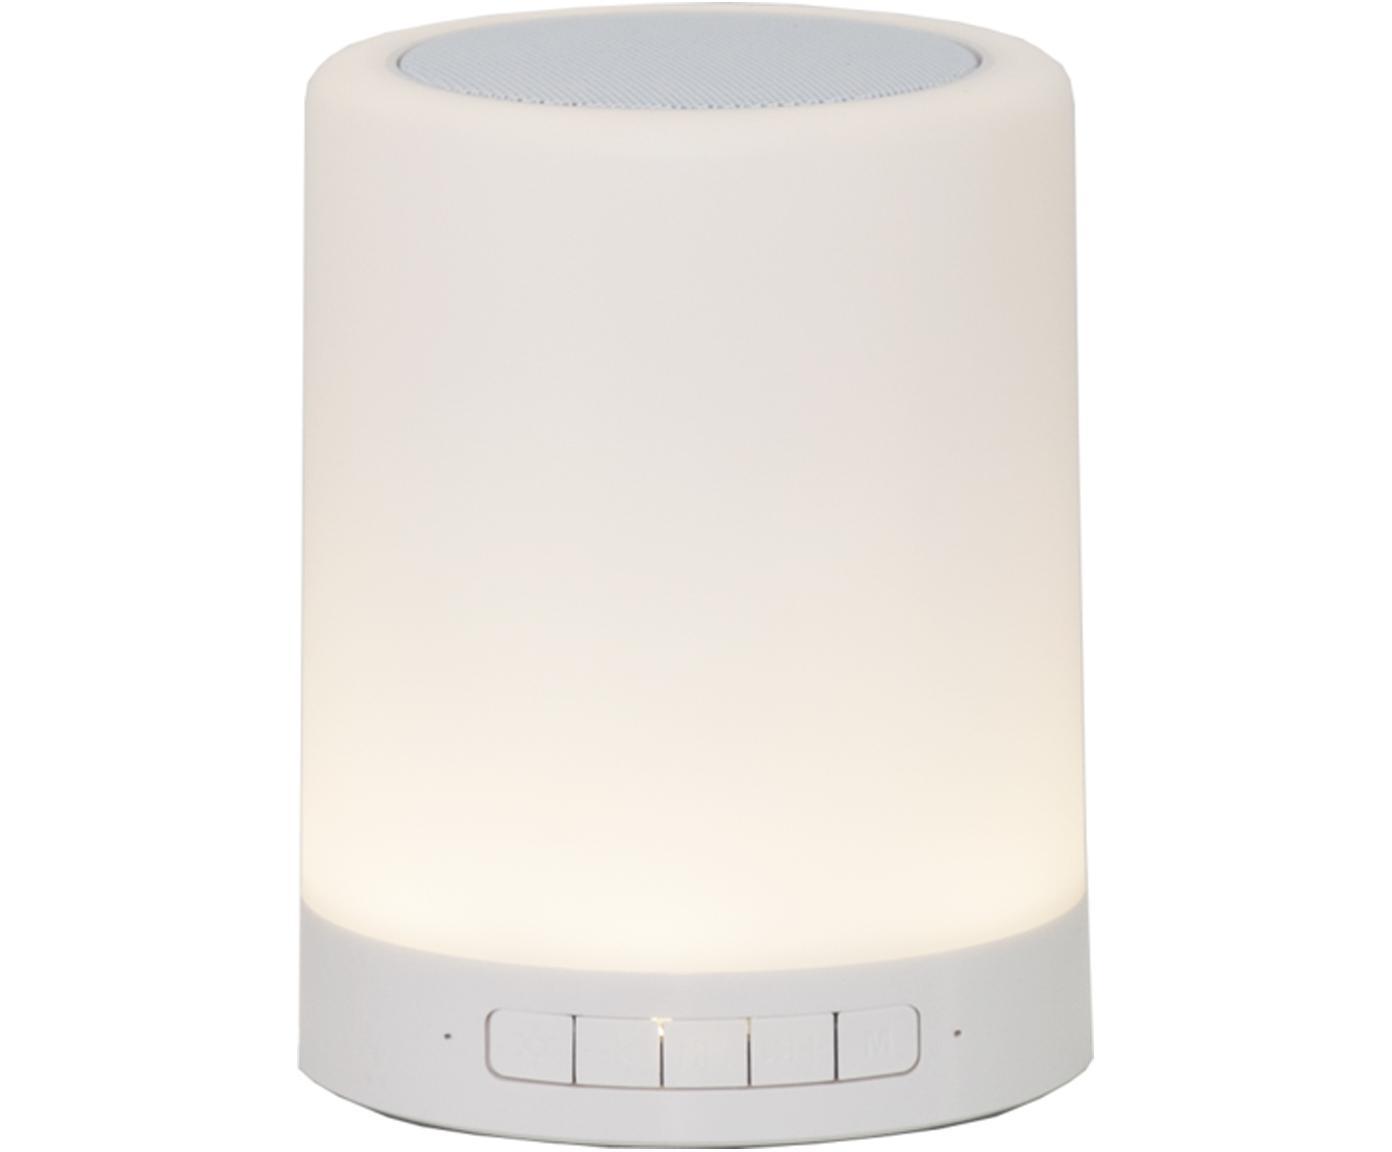 Lampada a LED da esterno con altoparlante Loli, Metallo, materiale sintetico (ABS), Bianco, Ø 9 x Alt. 13 cm